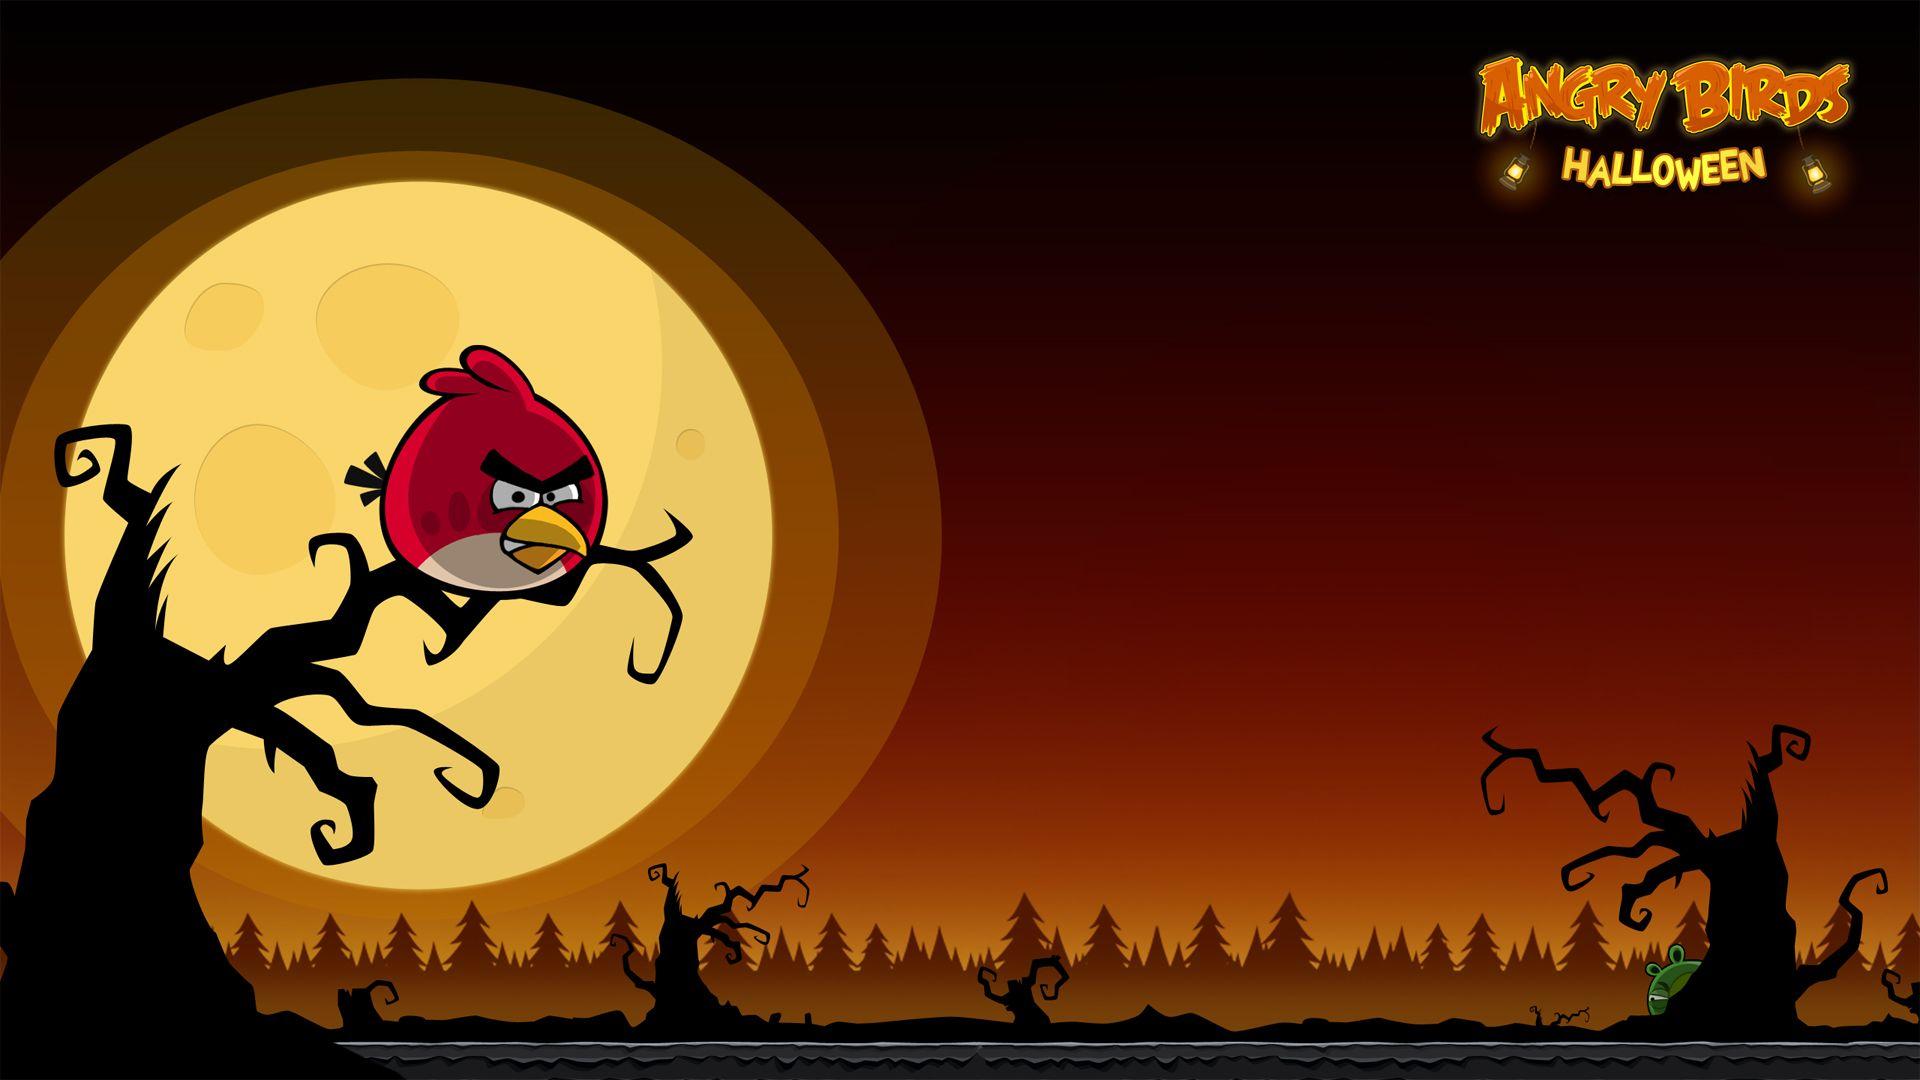 Angry Birds Halloween IPhone & Desktop Backgrounds Mit Bildern